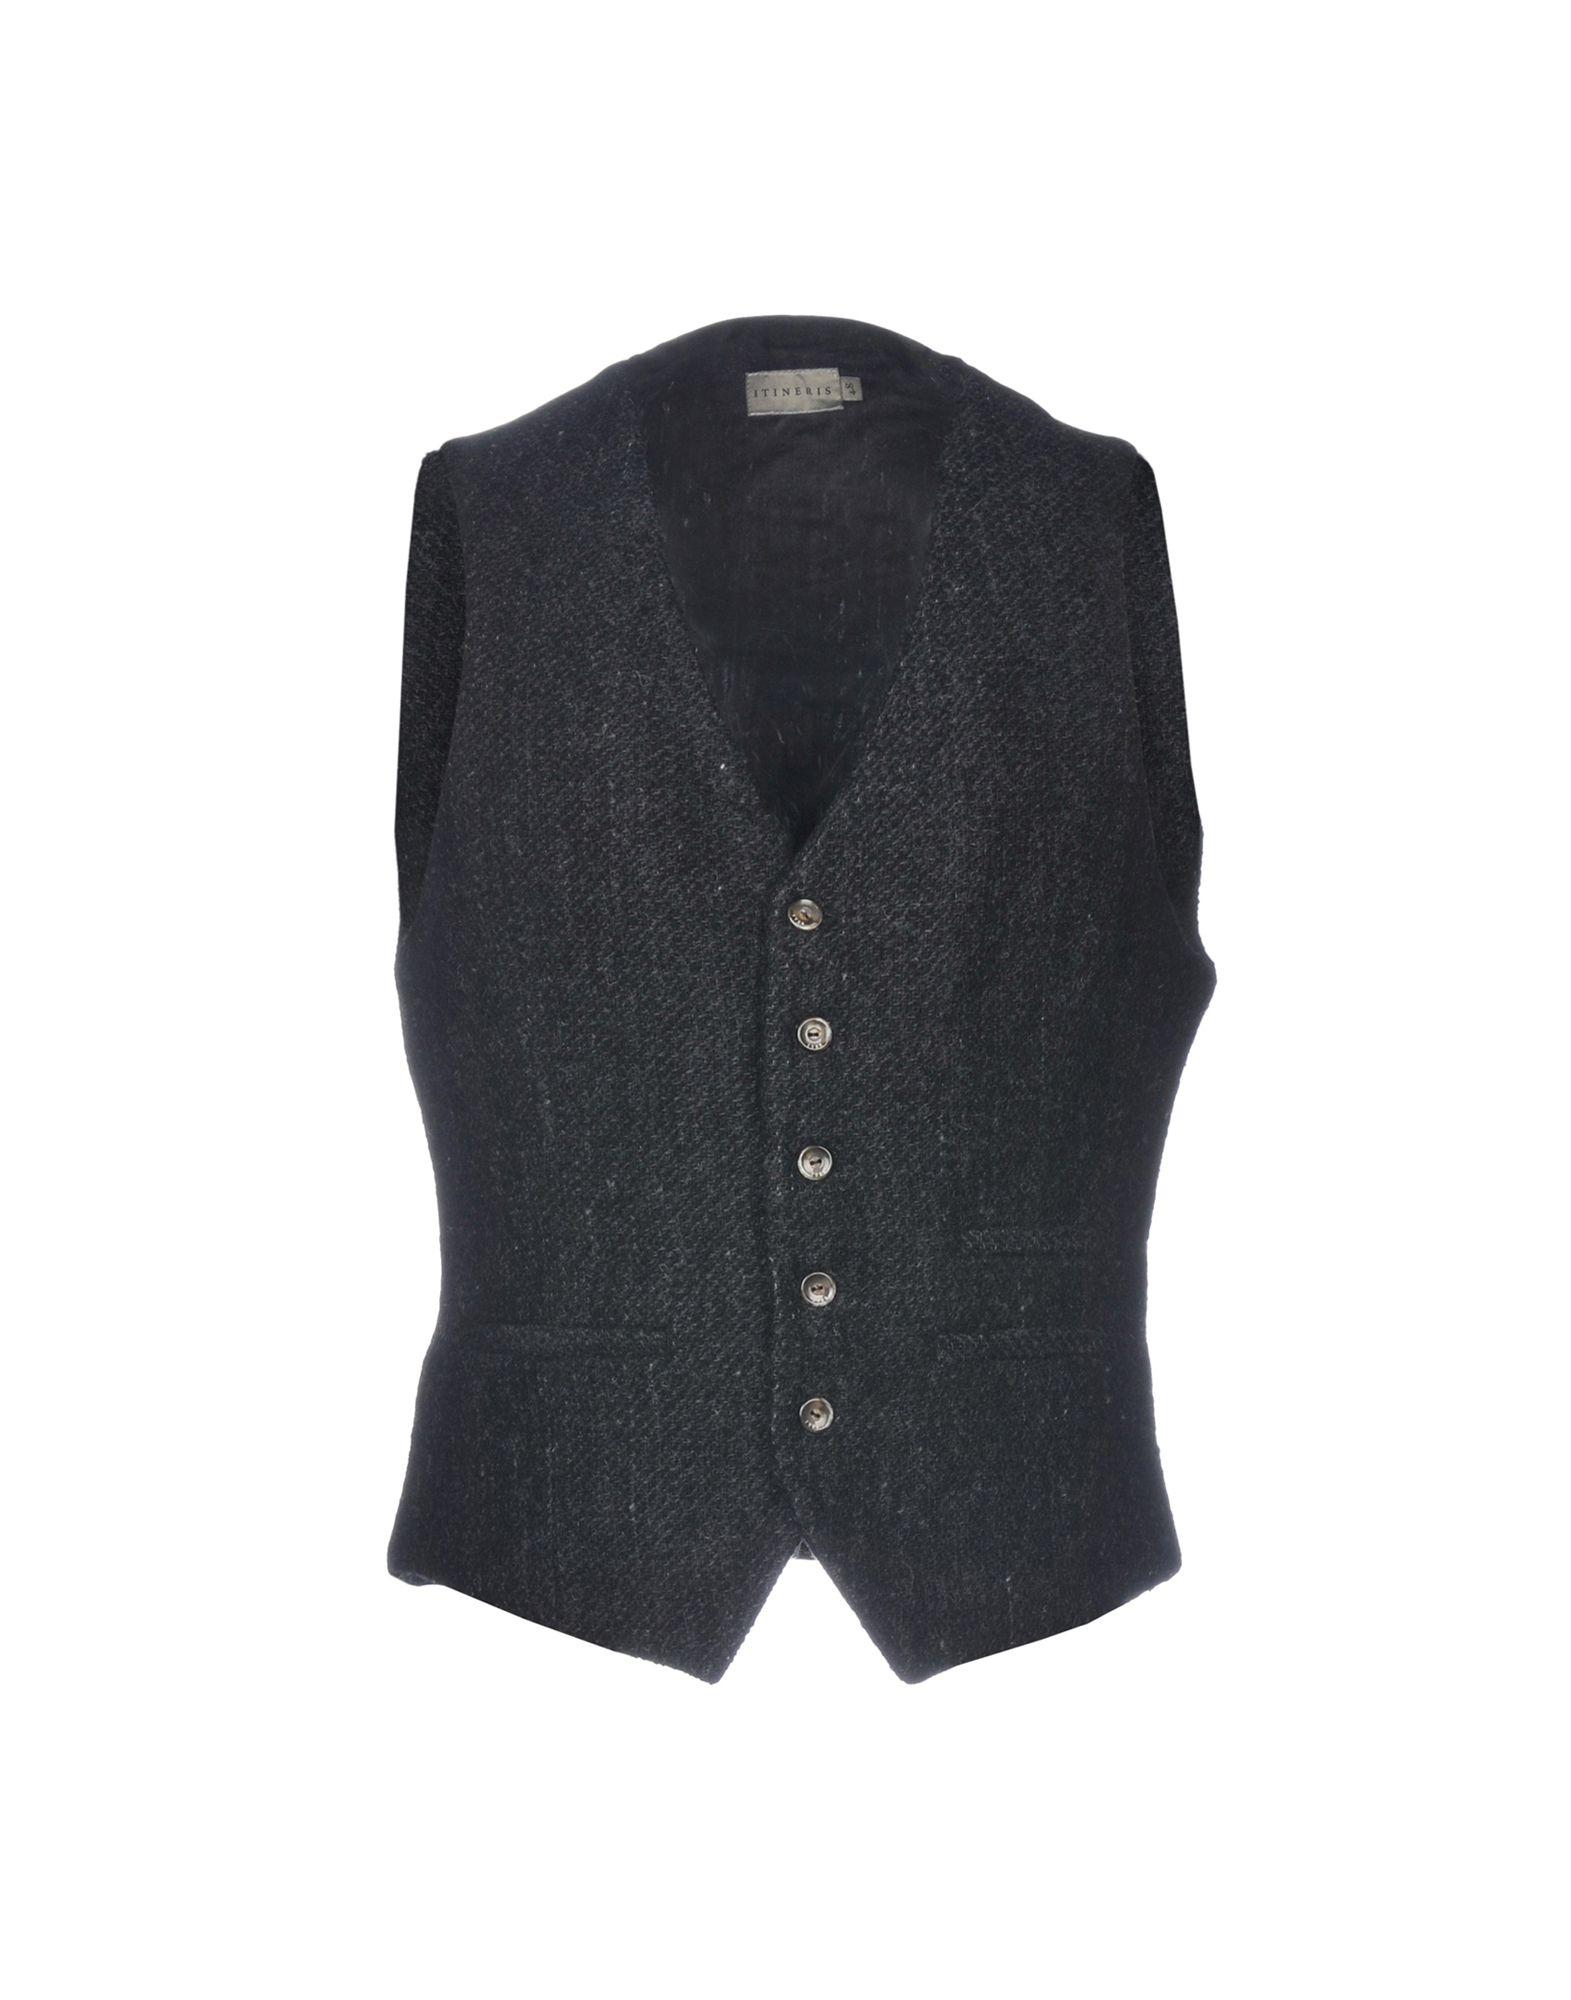 ITINERIS Suit Vest in Steel Grey